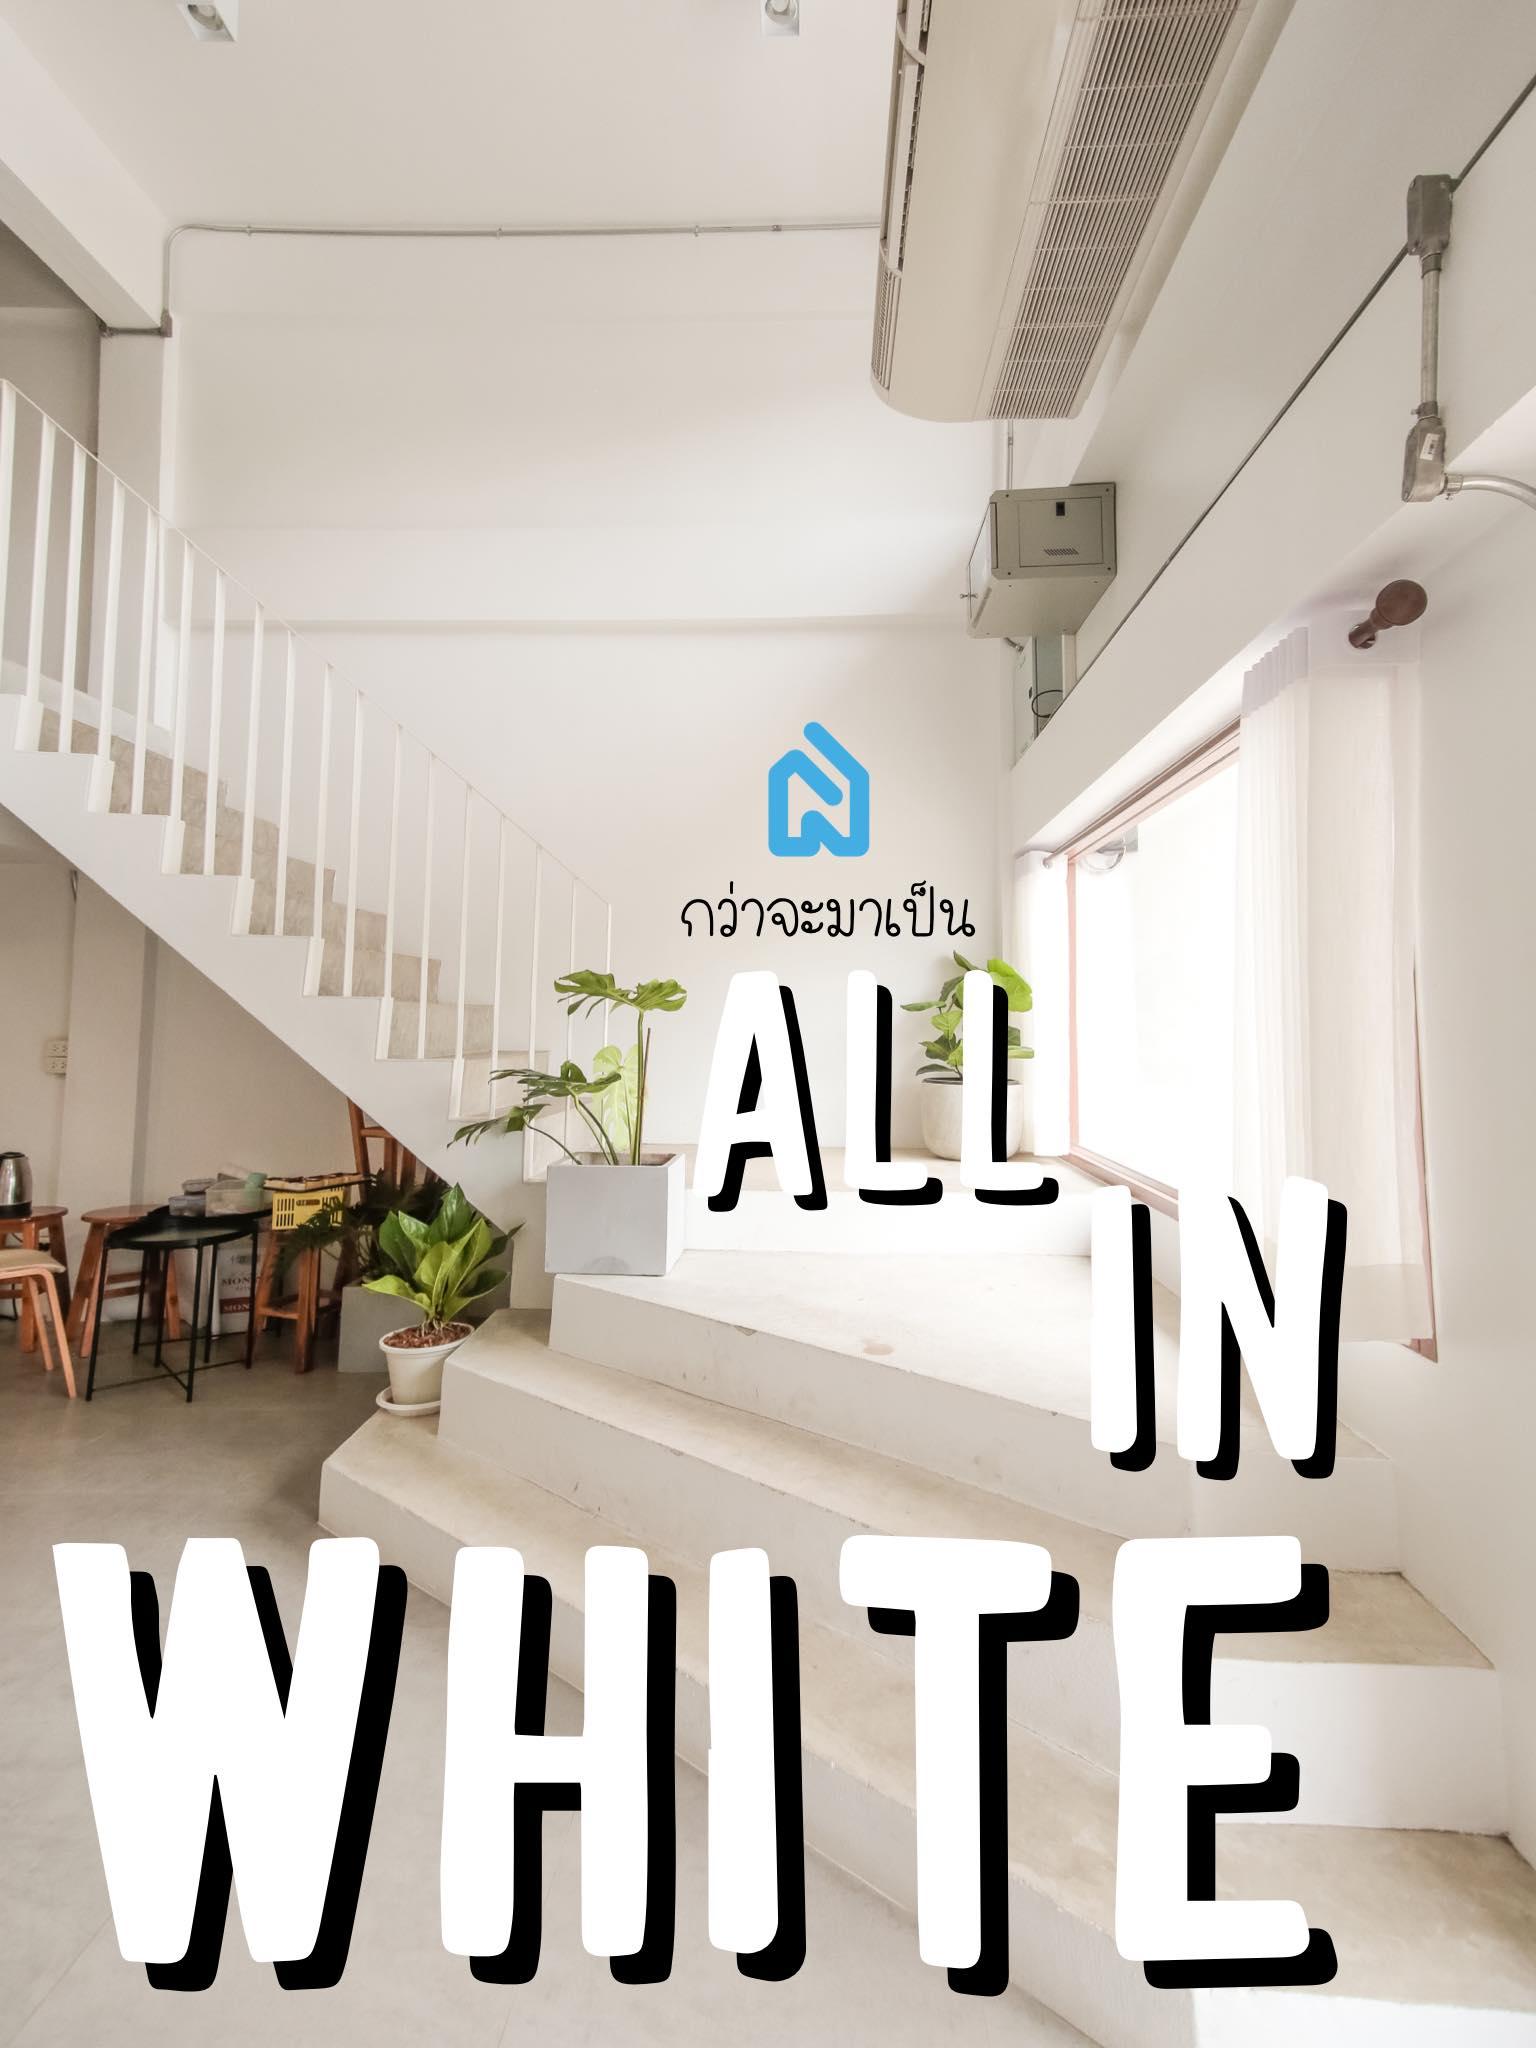 All in white Cafe ขอนแก่น